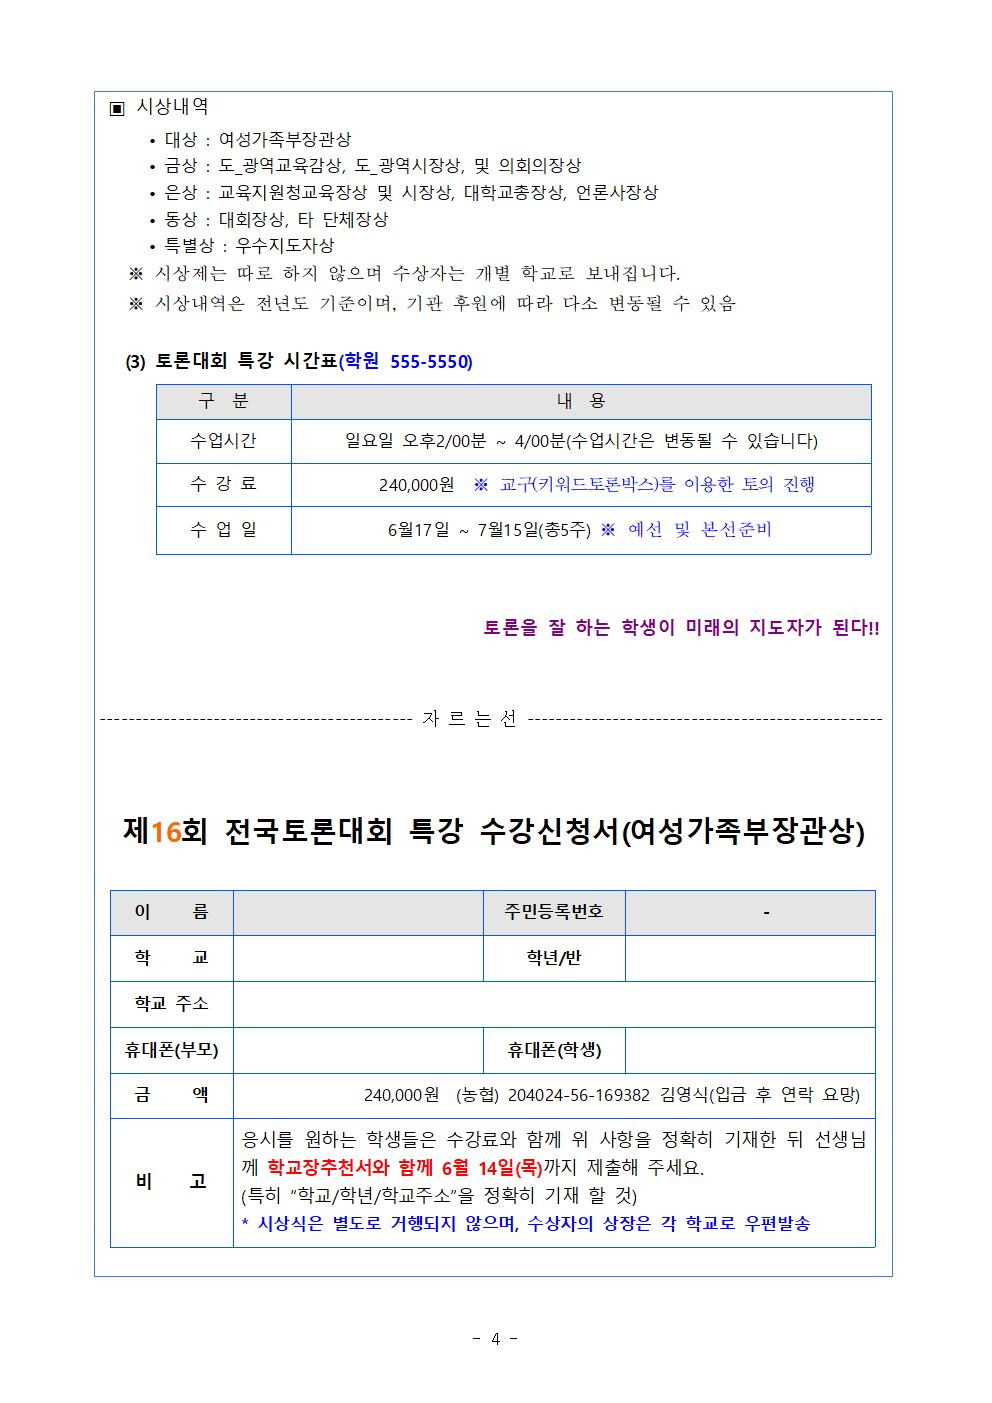 제16회전국청소년토론대회안내문(수정)004.png